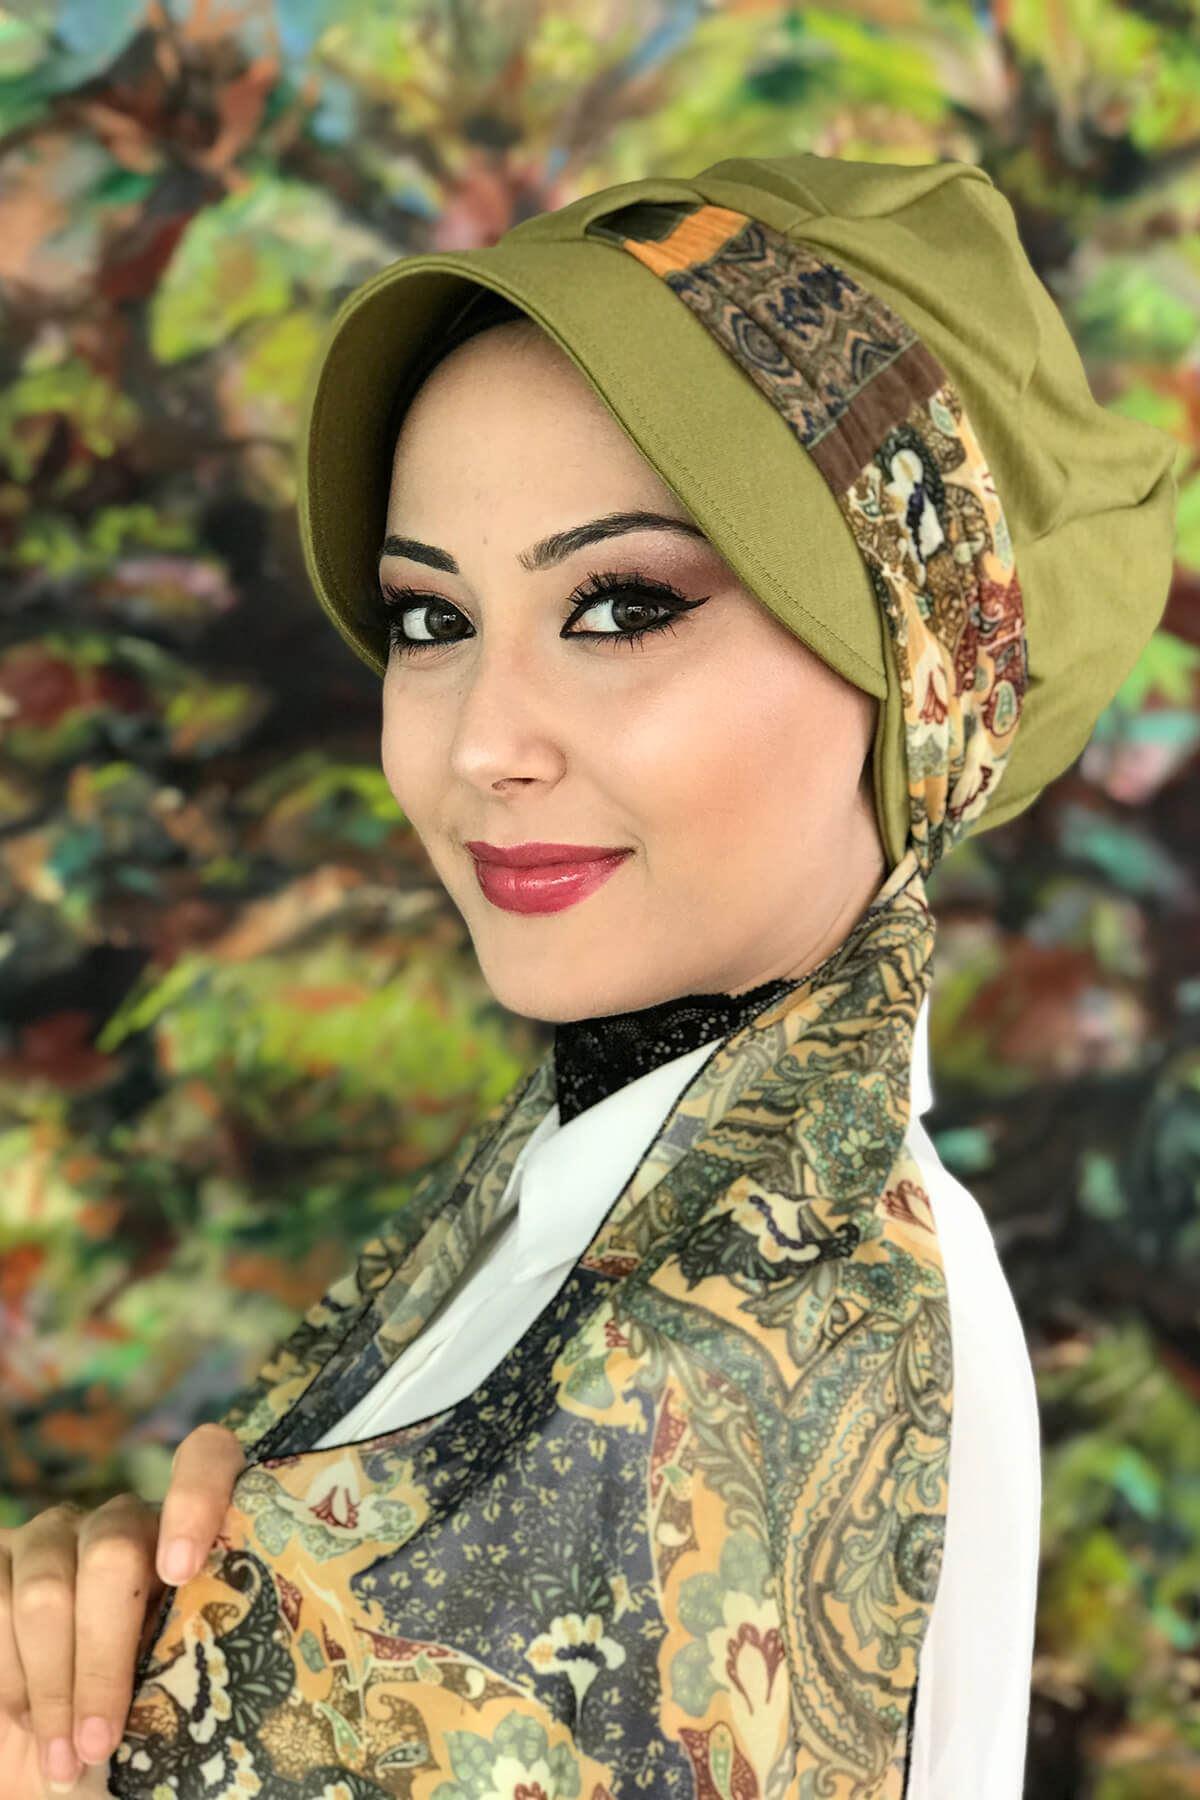 Kına Yeşili Renkli Tek Biritli Etnik Desenli Fularlı Şapka